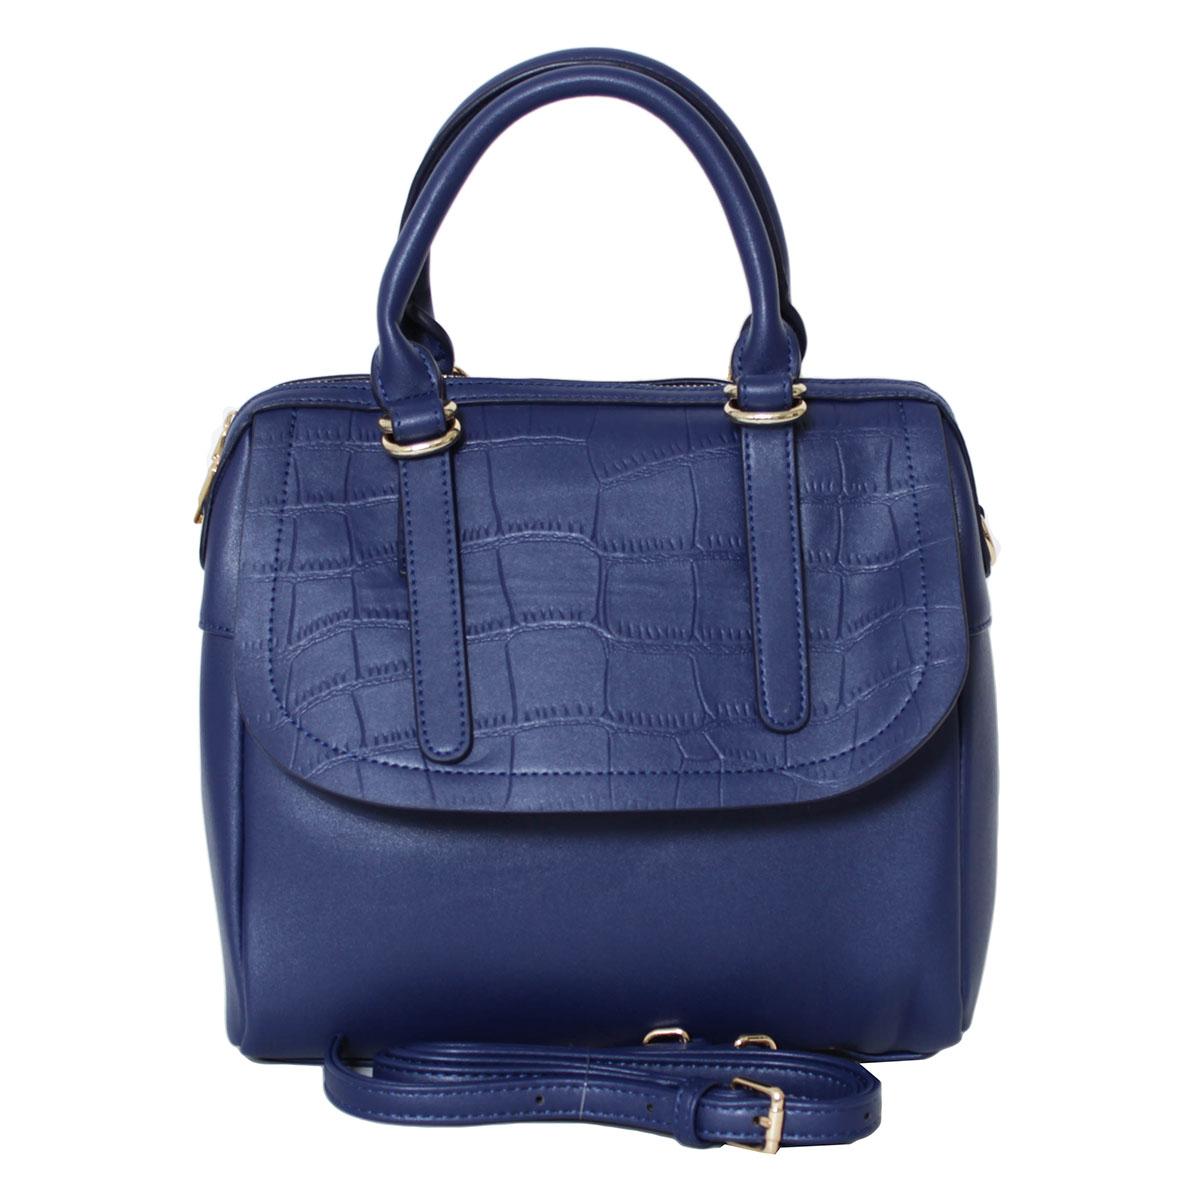 Сумка женский Flioraj, цвет: синий. 0005216400052164Закрывается на молнию. Внутри одно отделение, два кармана на молнии, три открытых кармана. Длинный ремень. Высота ручек - 13 см.